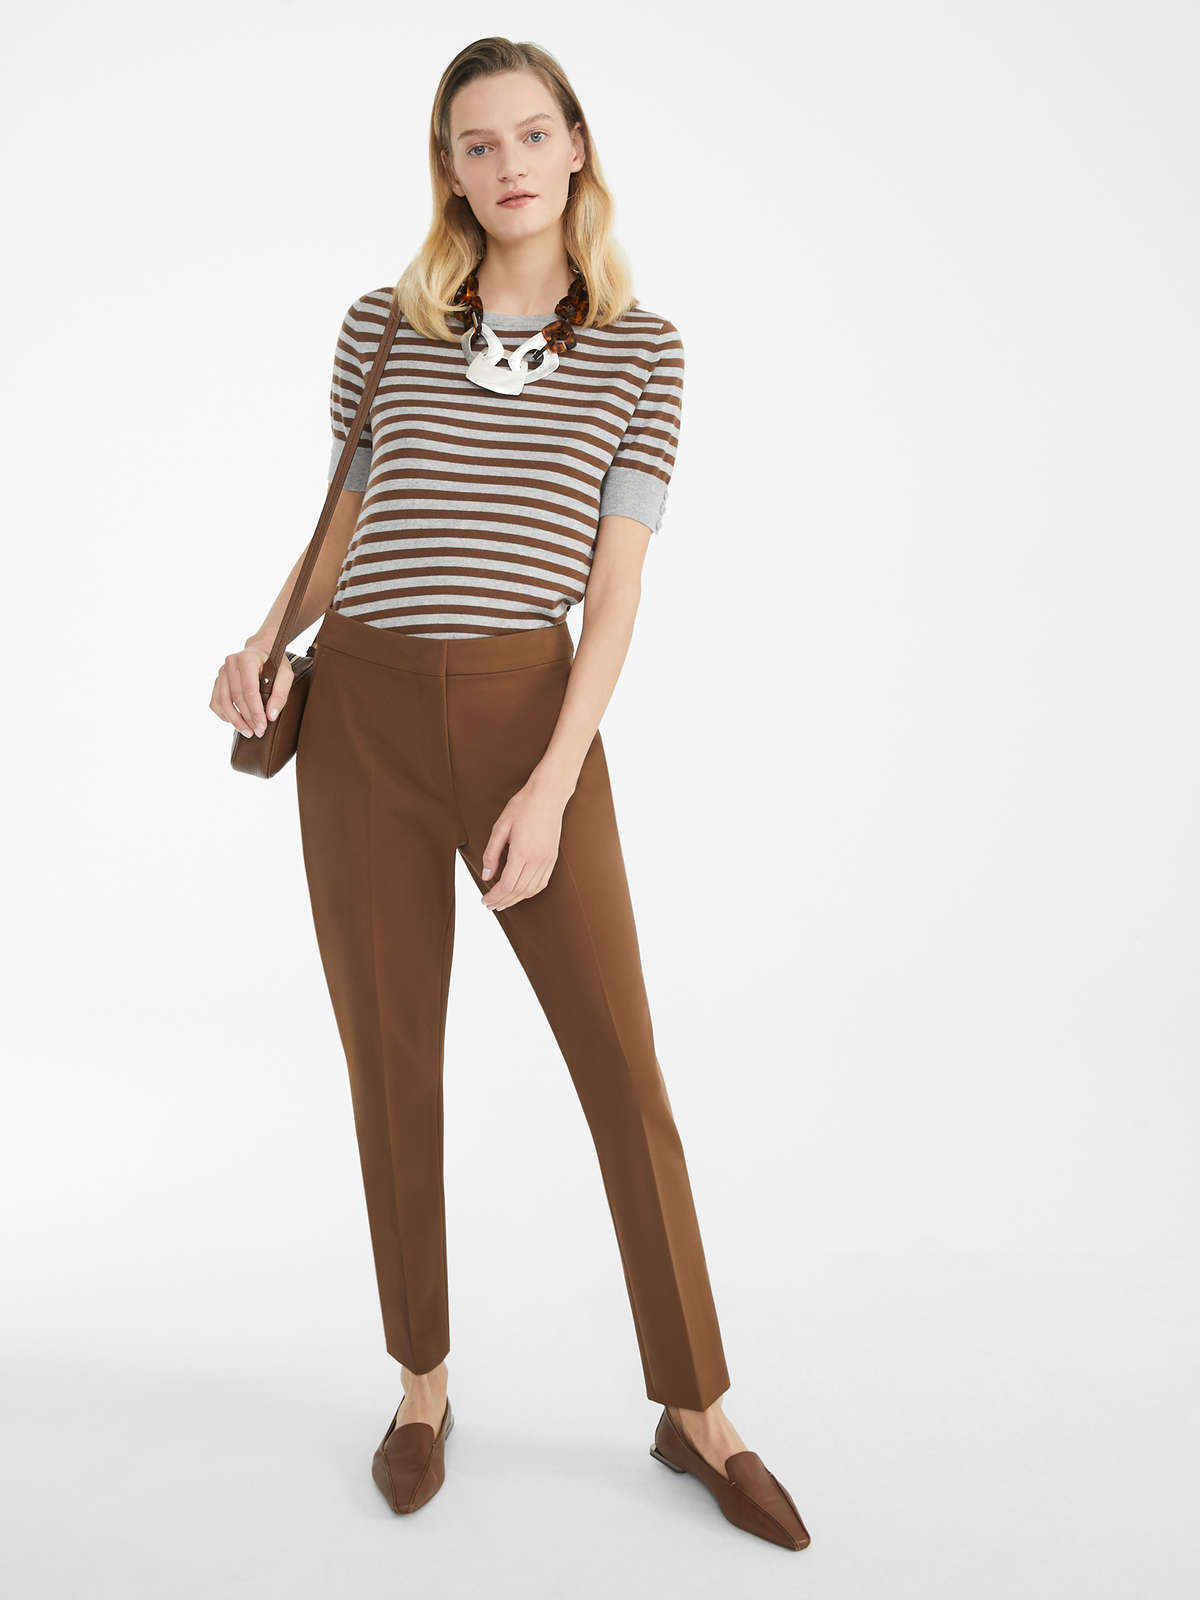 Viscose Jersey Pants - Max Mara